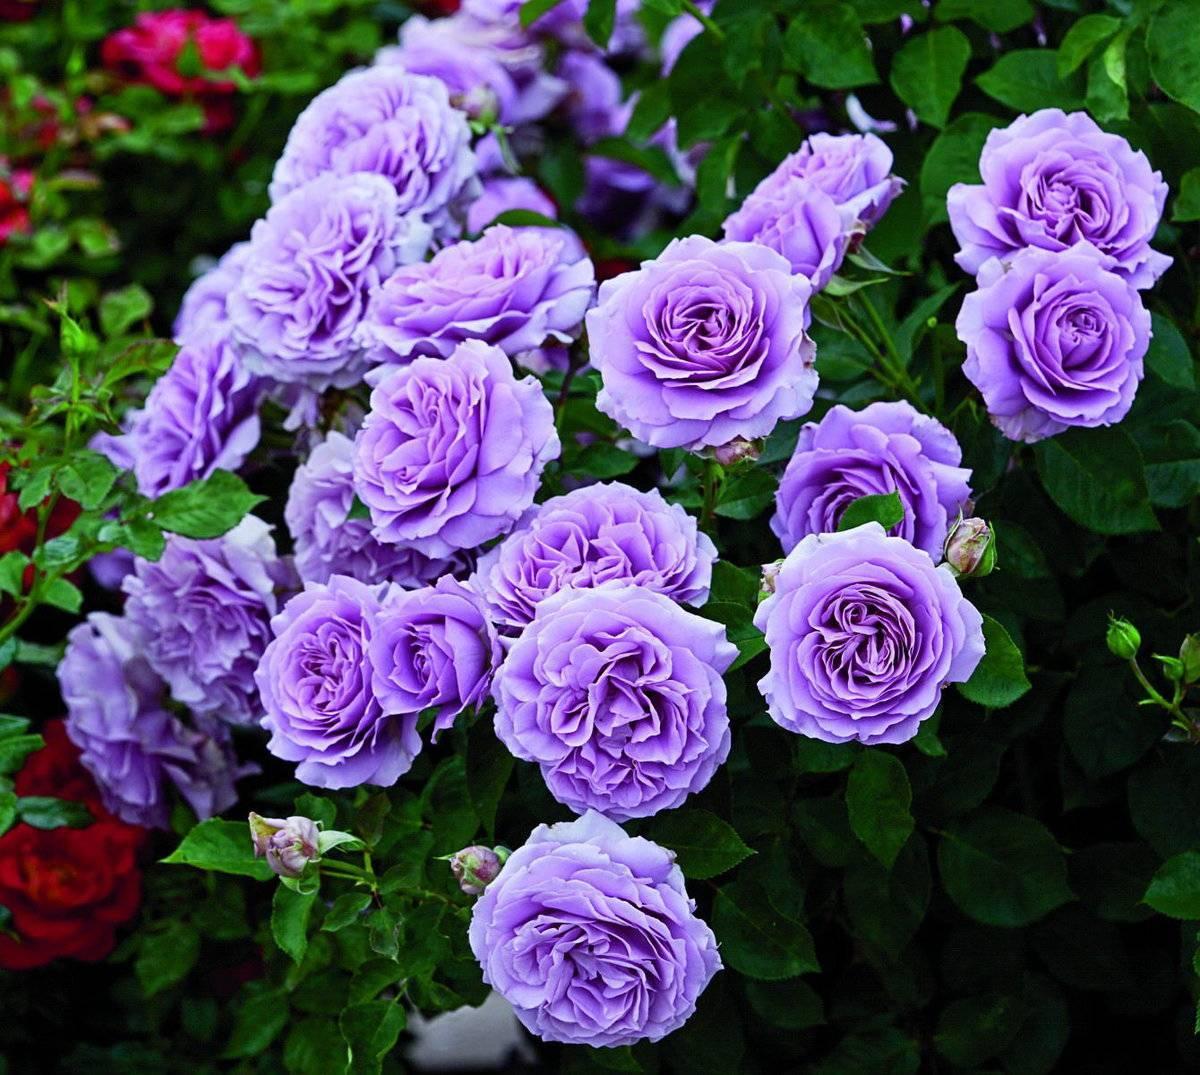 Посадка и уход за канадской парковой розой луиза багнет: агротехника выращивания